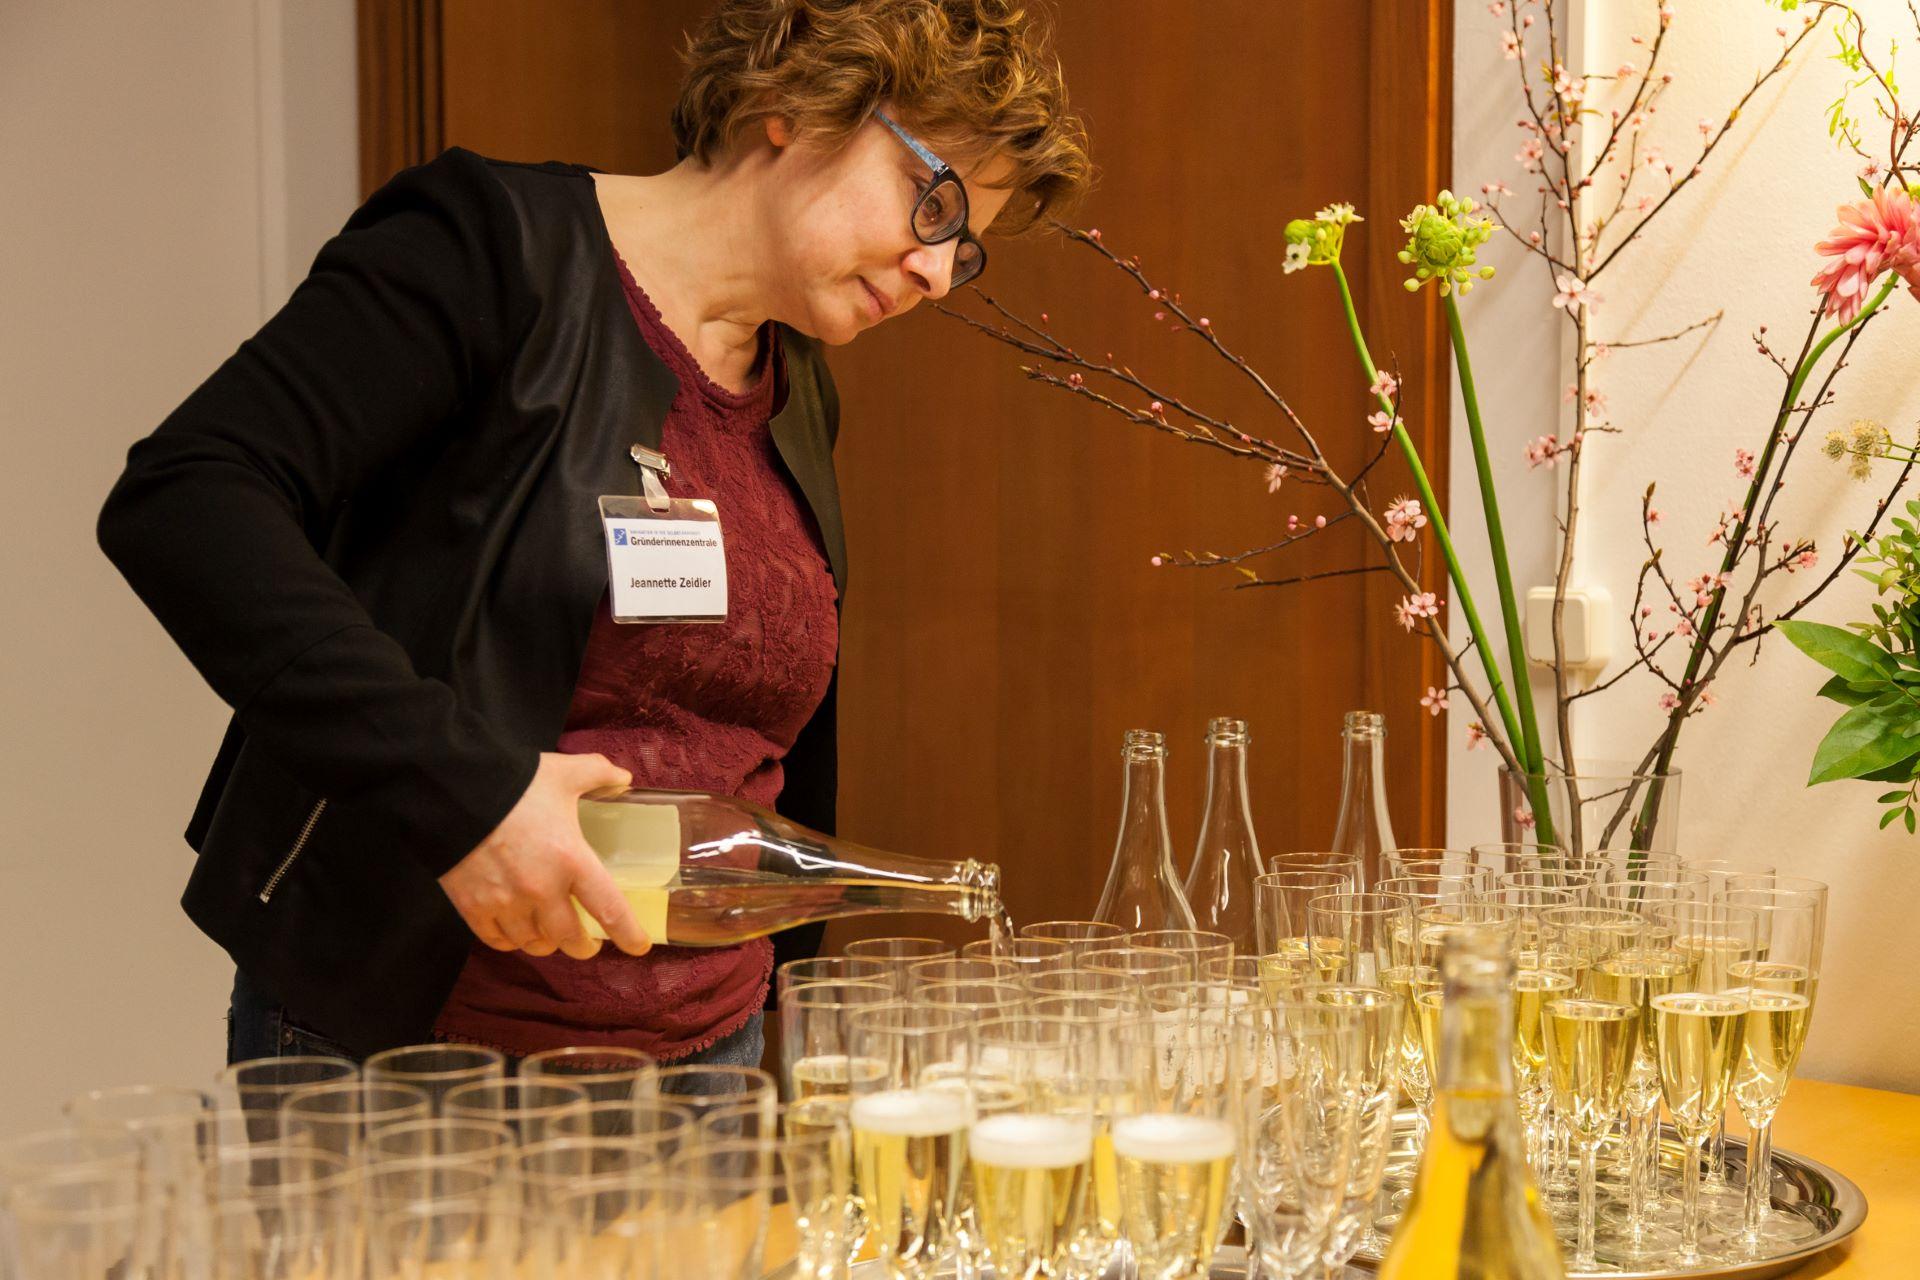 Netzwerktreffen: Eine weiße Frau mittleren Alters mit Blazer und Namensschild der Gründerinnenzentrale füllt Sektgläser aus einer Flasche.